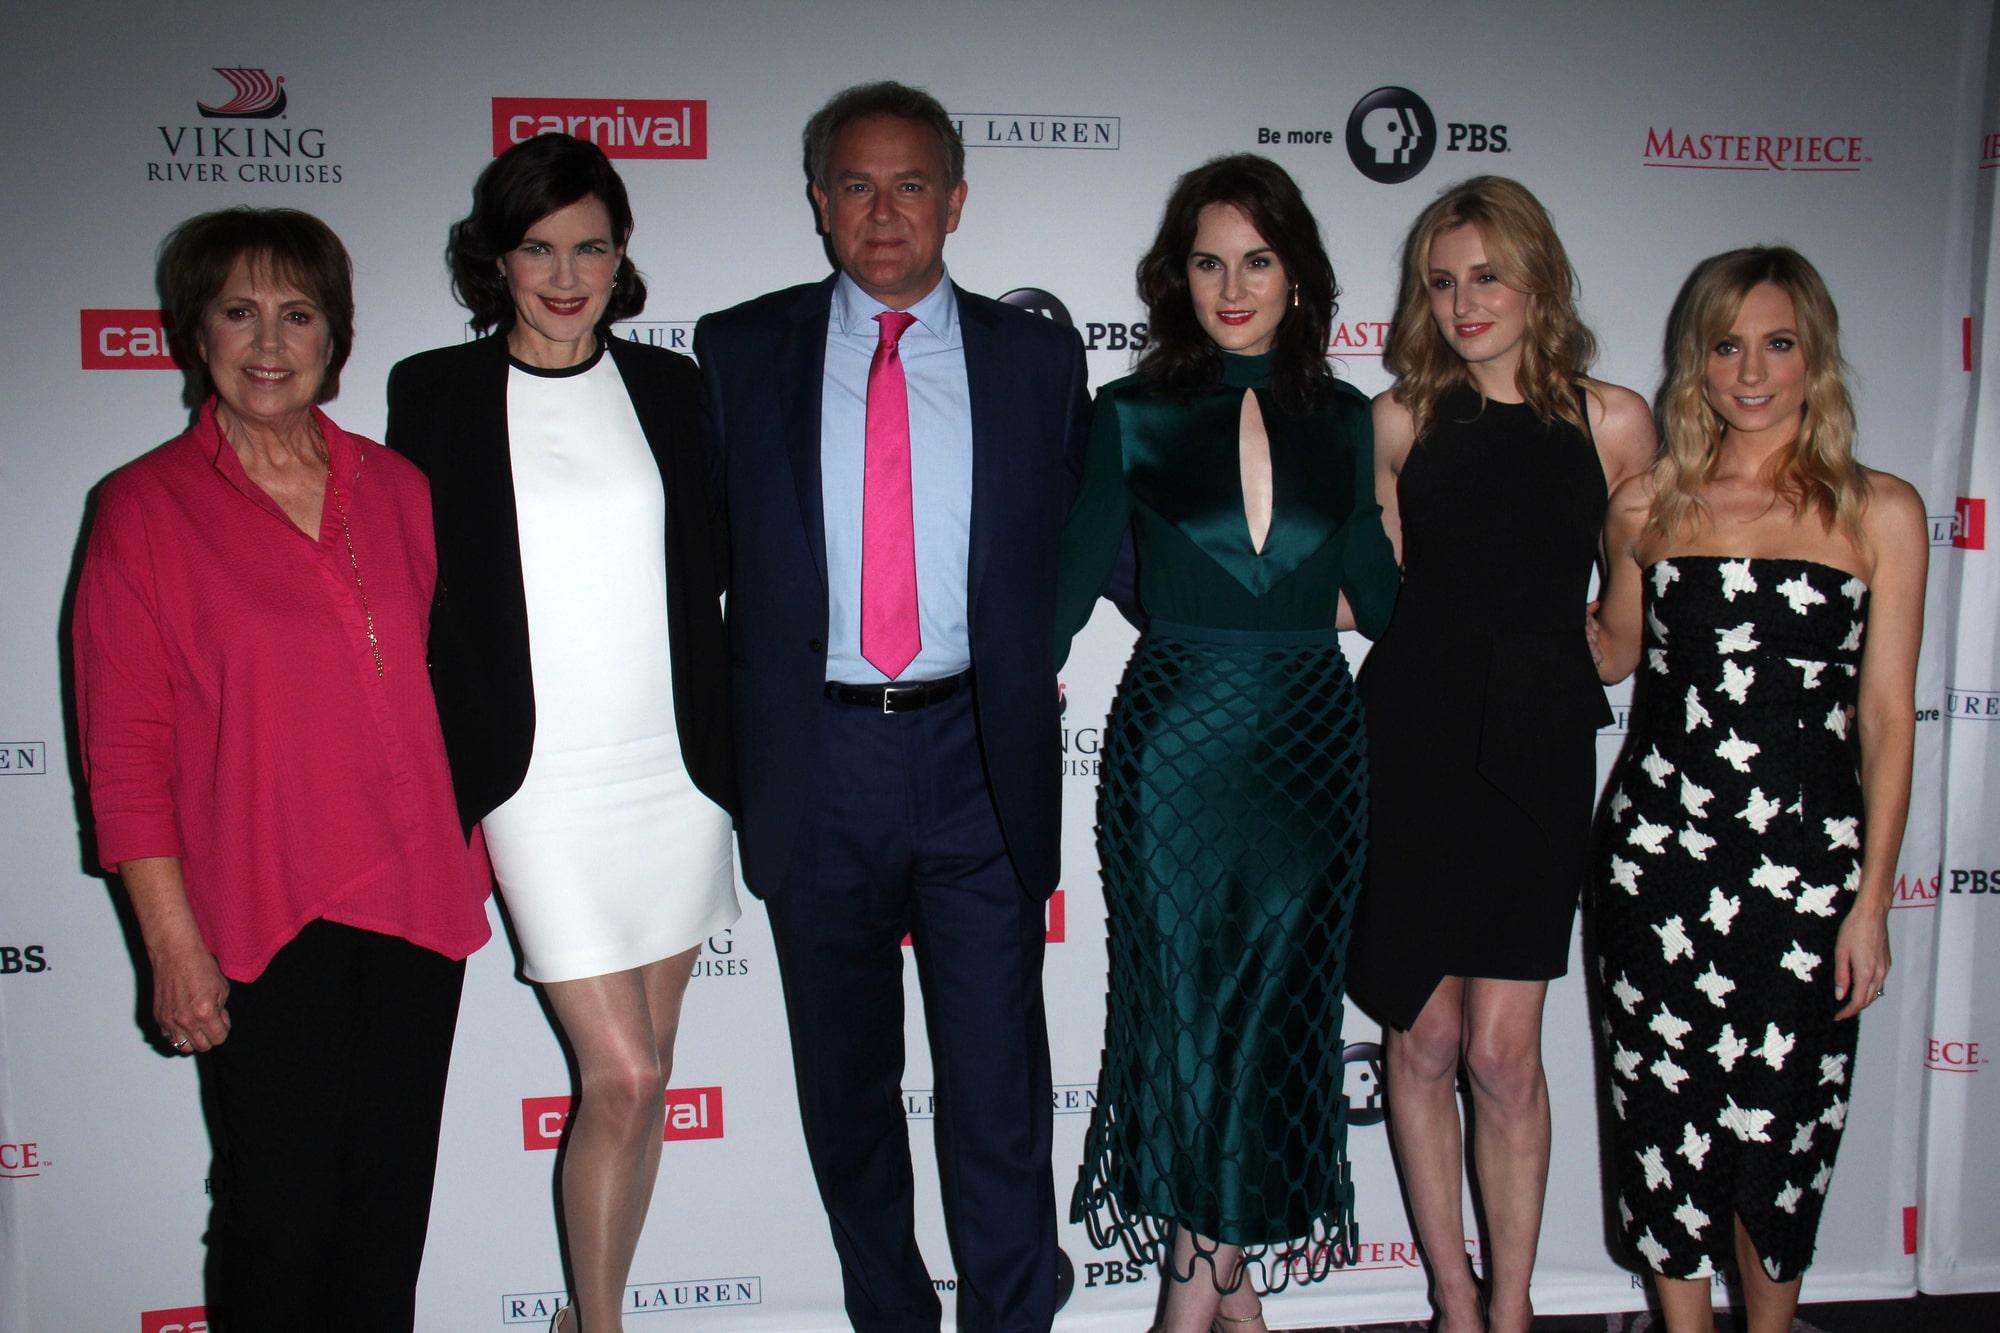 Актер Хью Бонневилль подтвердил, что вторую часть фильма «Аббатство Даунтон» начнут снимать после окончания пандемии